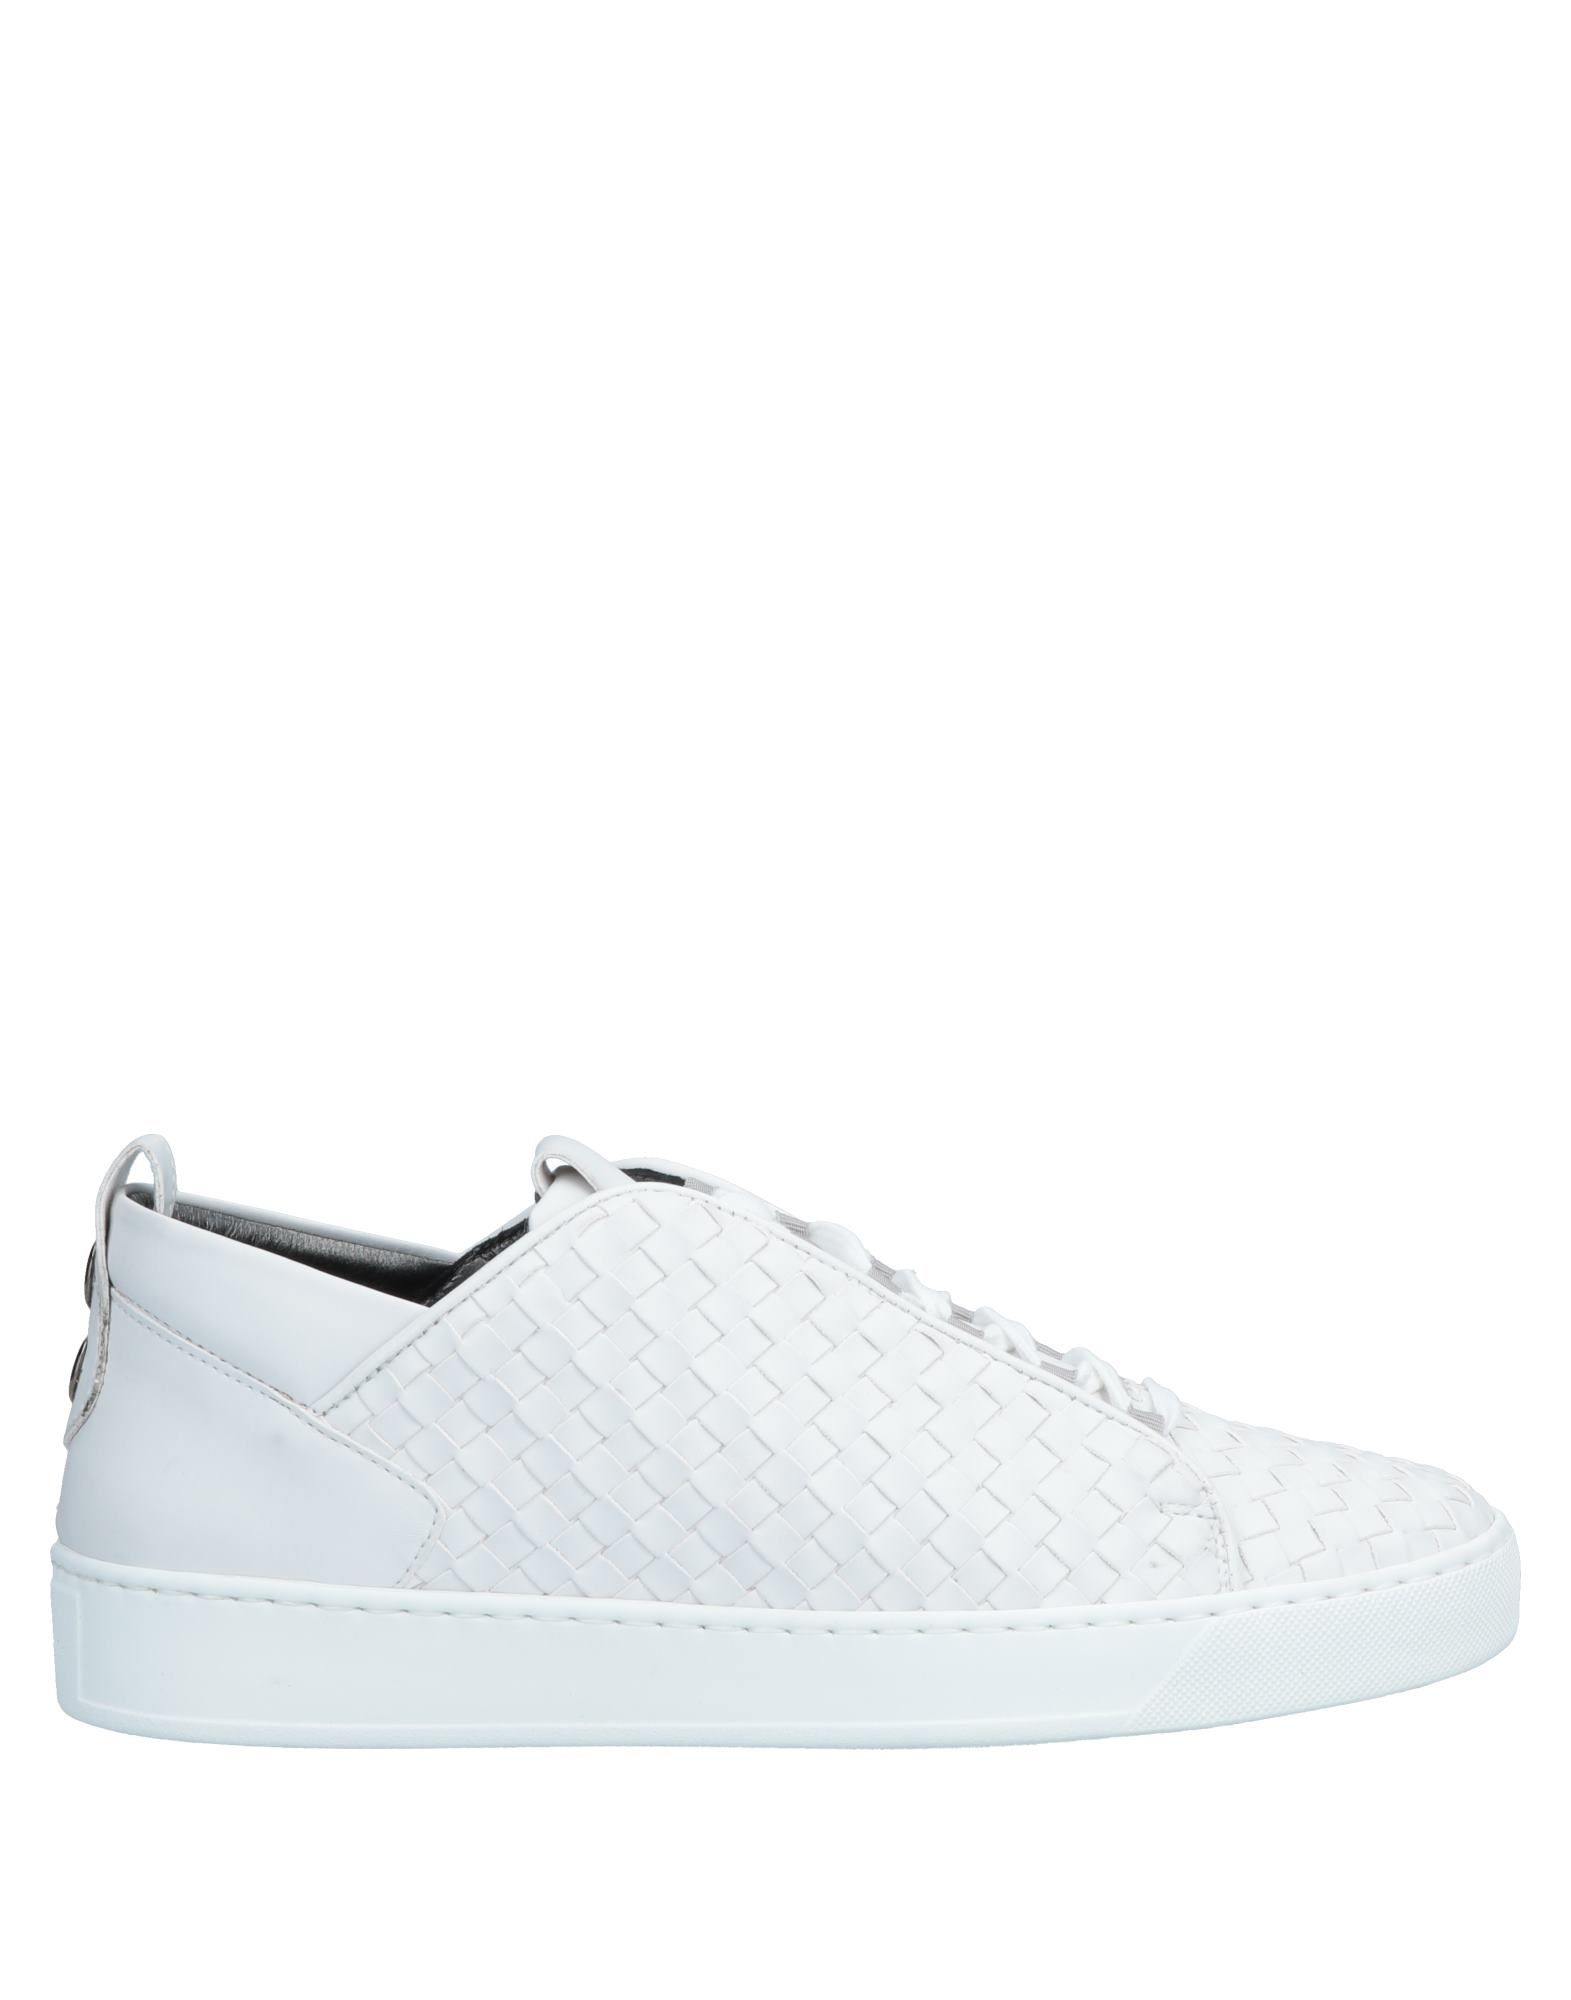 Alexander Smith Sneakers - Men